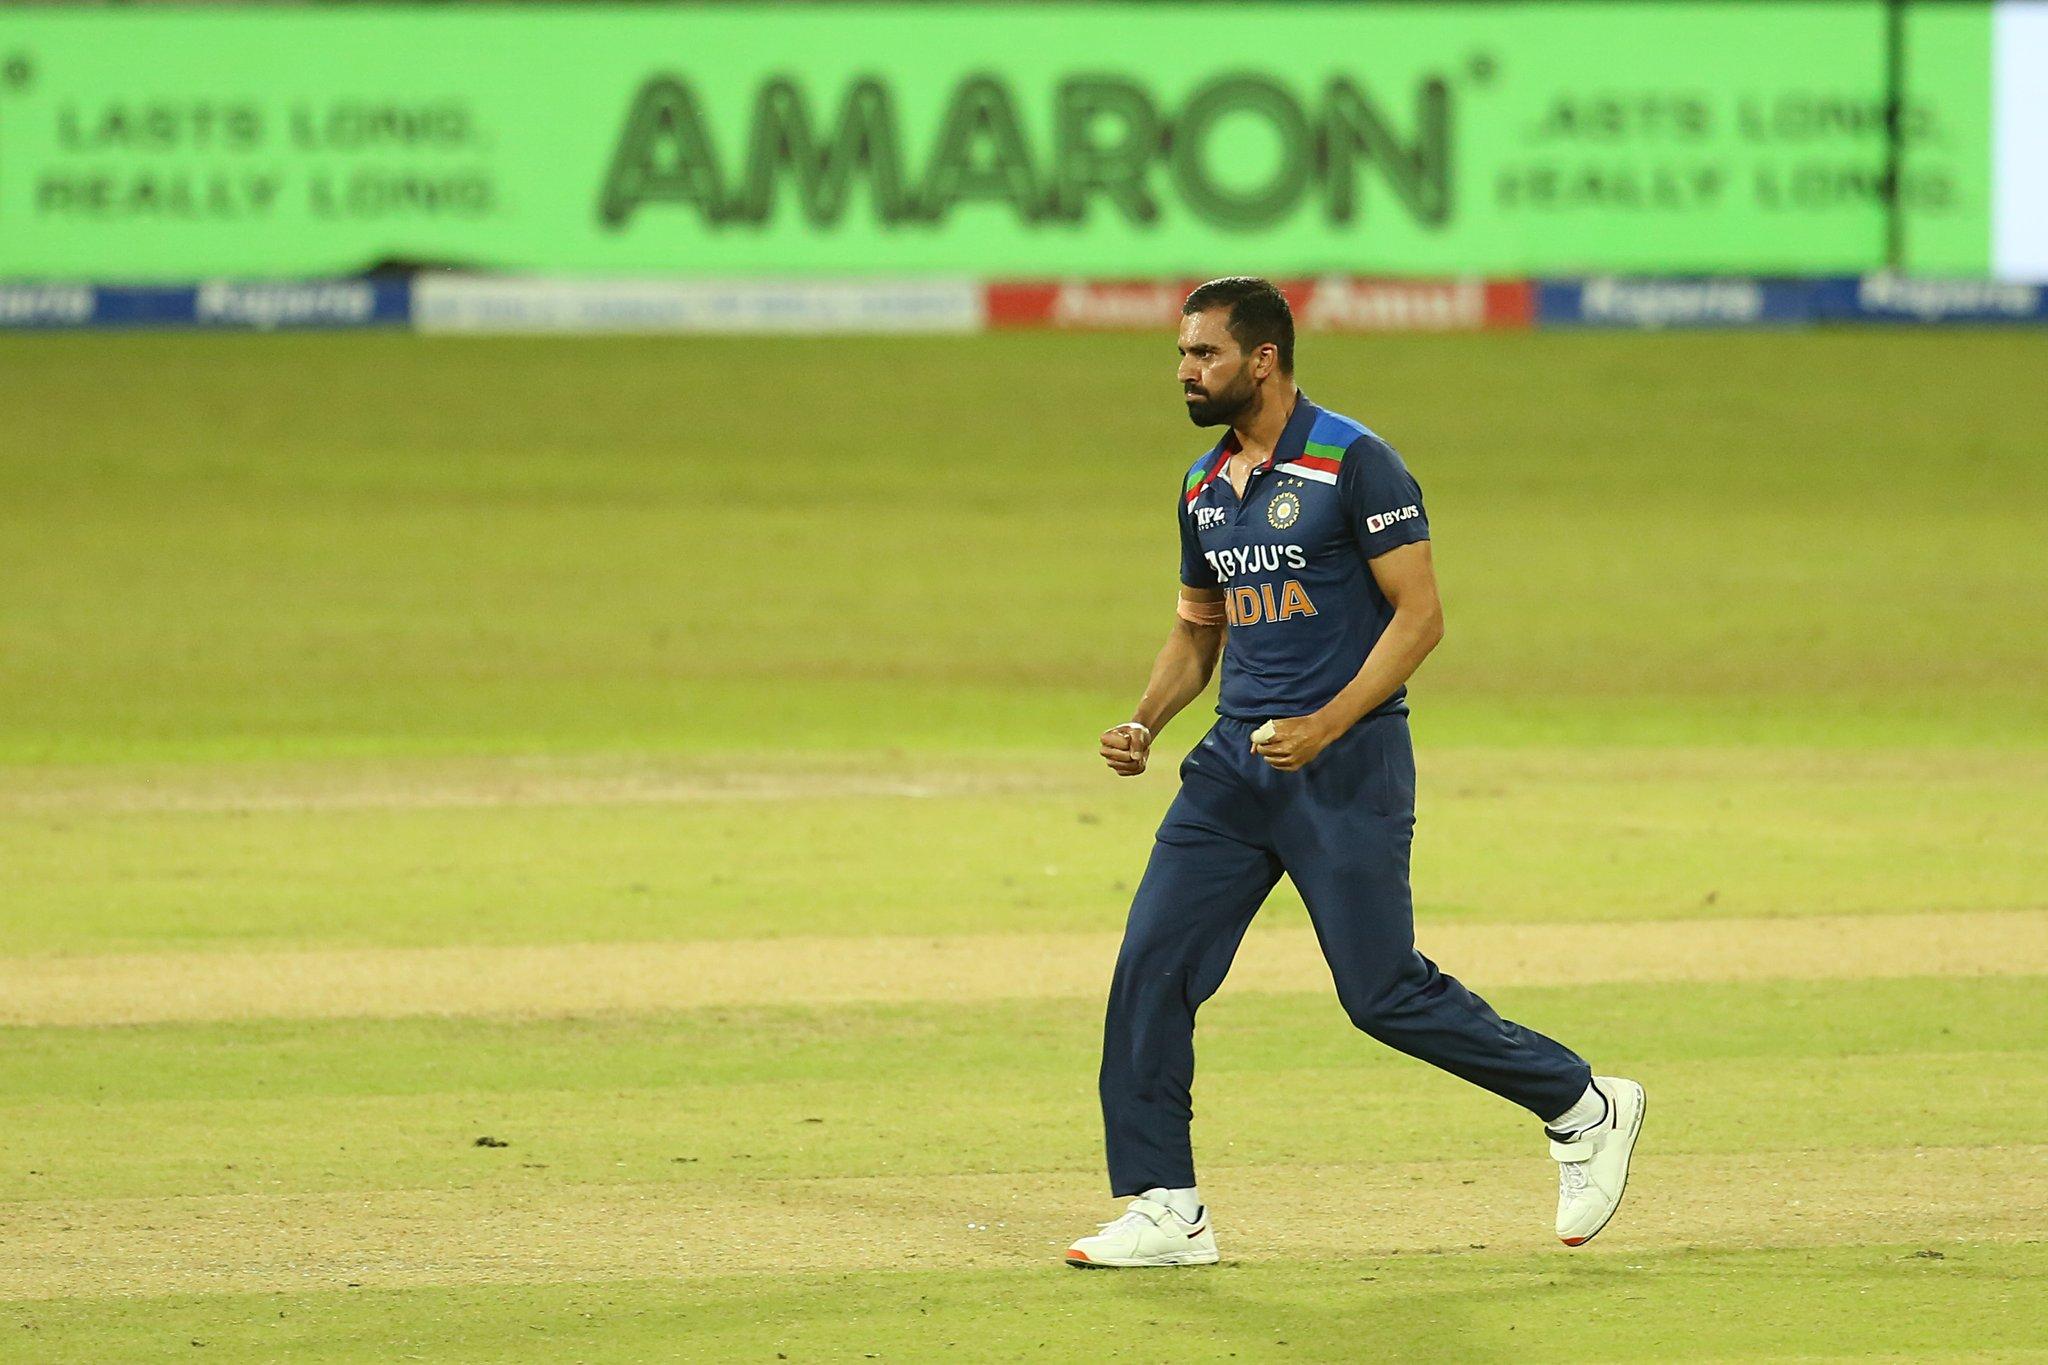 दीपक चाहर ने 1 ओवर में 2 विकेट लिए। उन्होंने असलंका और हसारंगा को आउट किया।